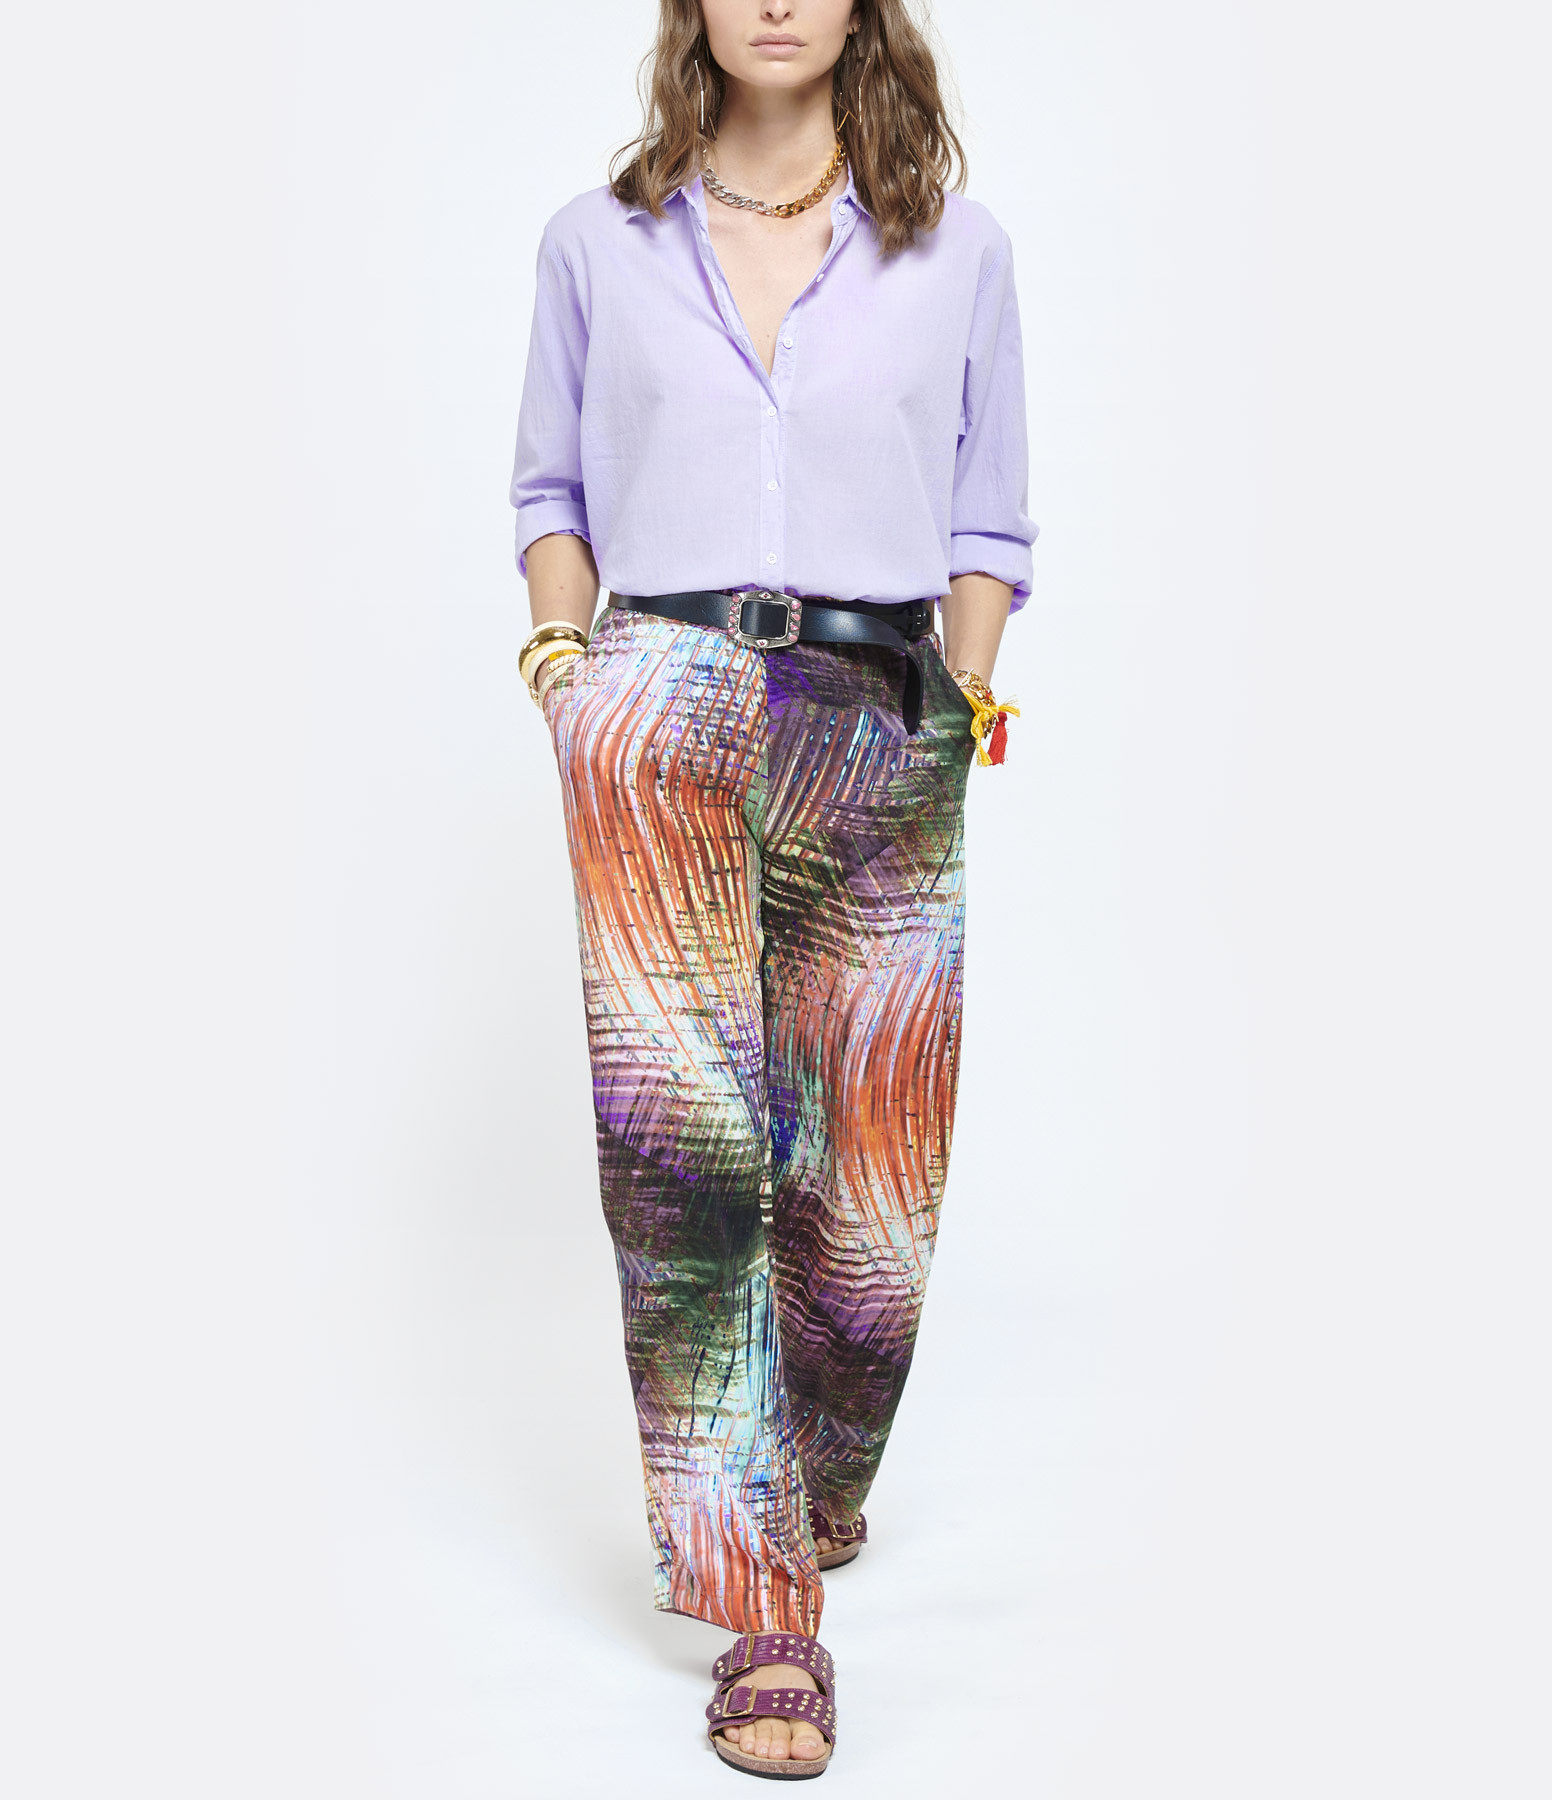 MAEVY - Pantalon Cameliaprint Imprimé Multicolore